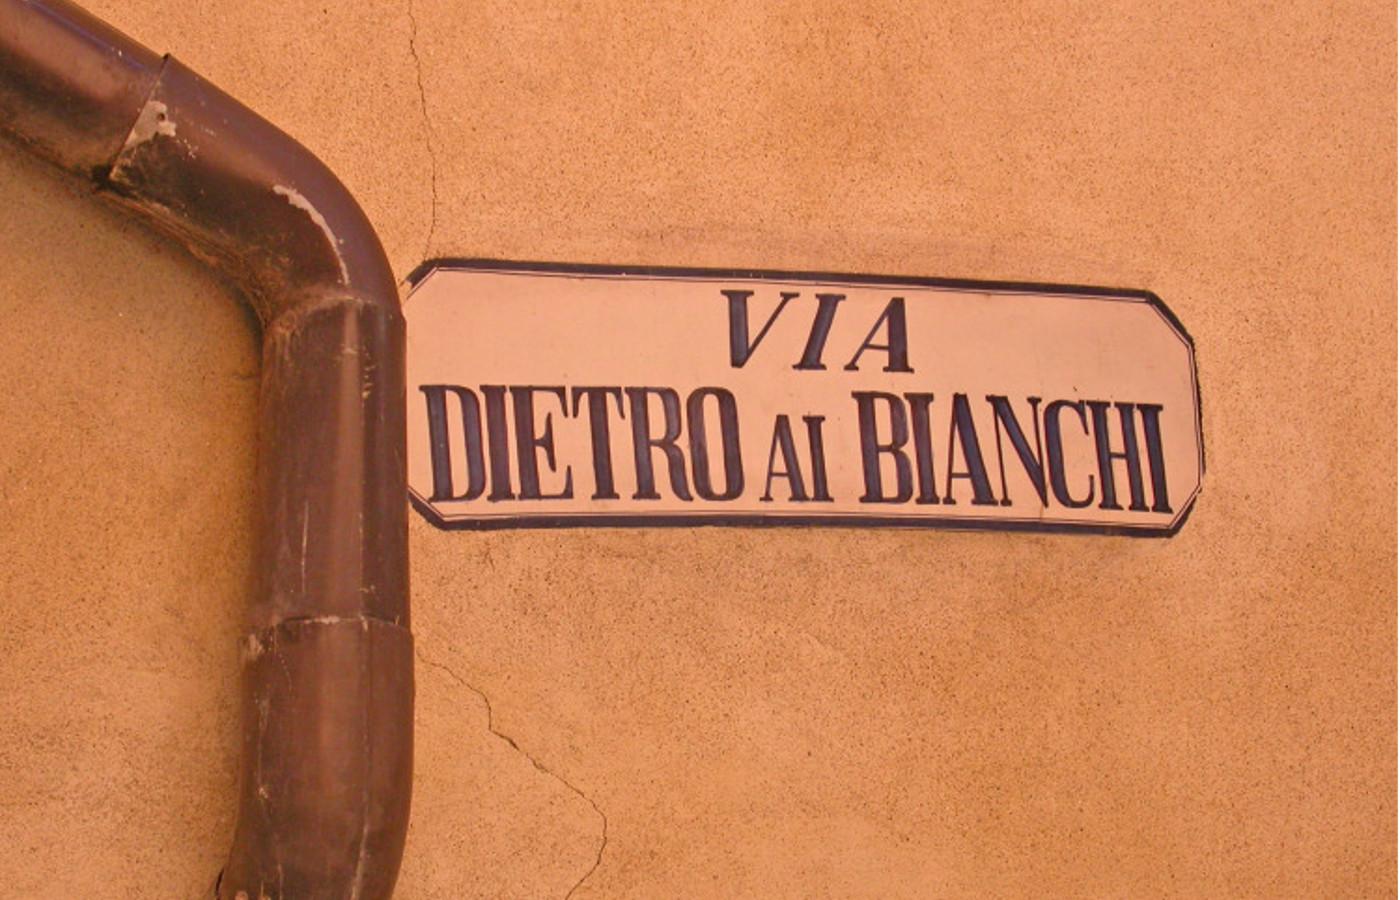 -5de26de86e9cf--5de26de86e9d5Superclassica dell'oltrepo pavese, Penice e Brallo_c.jpg